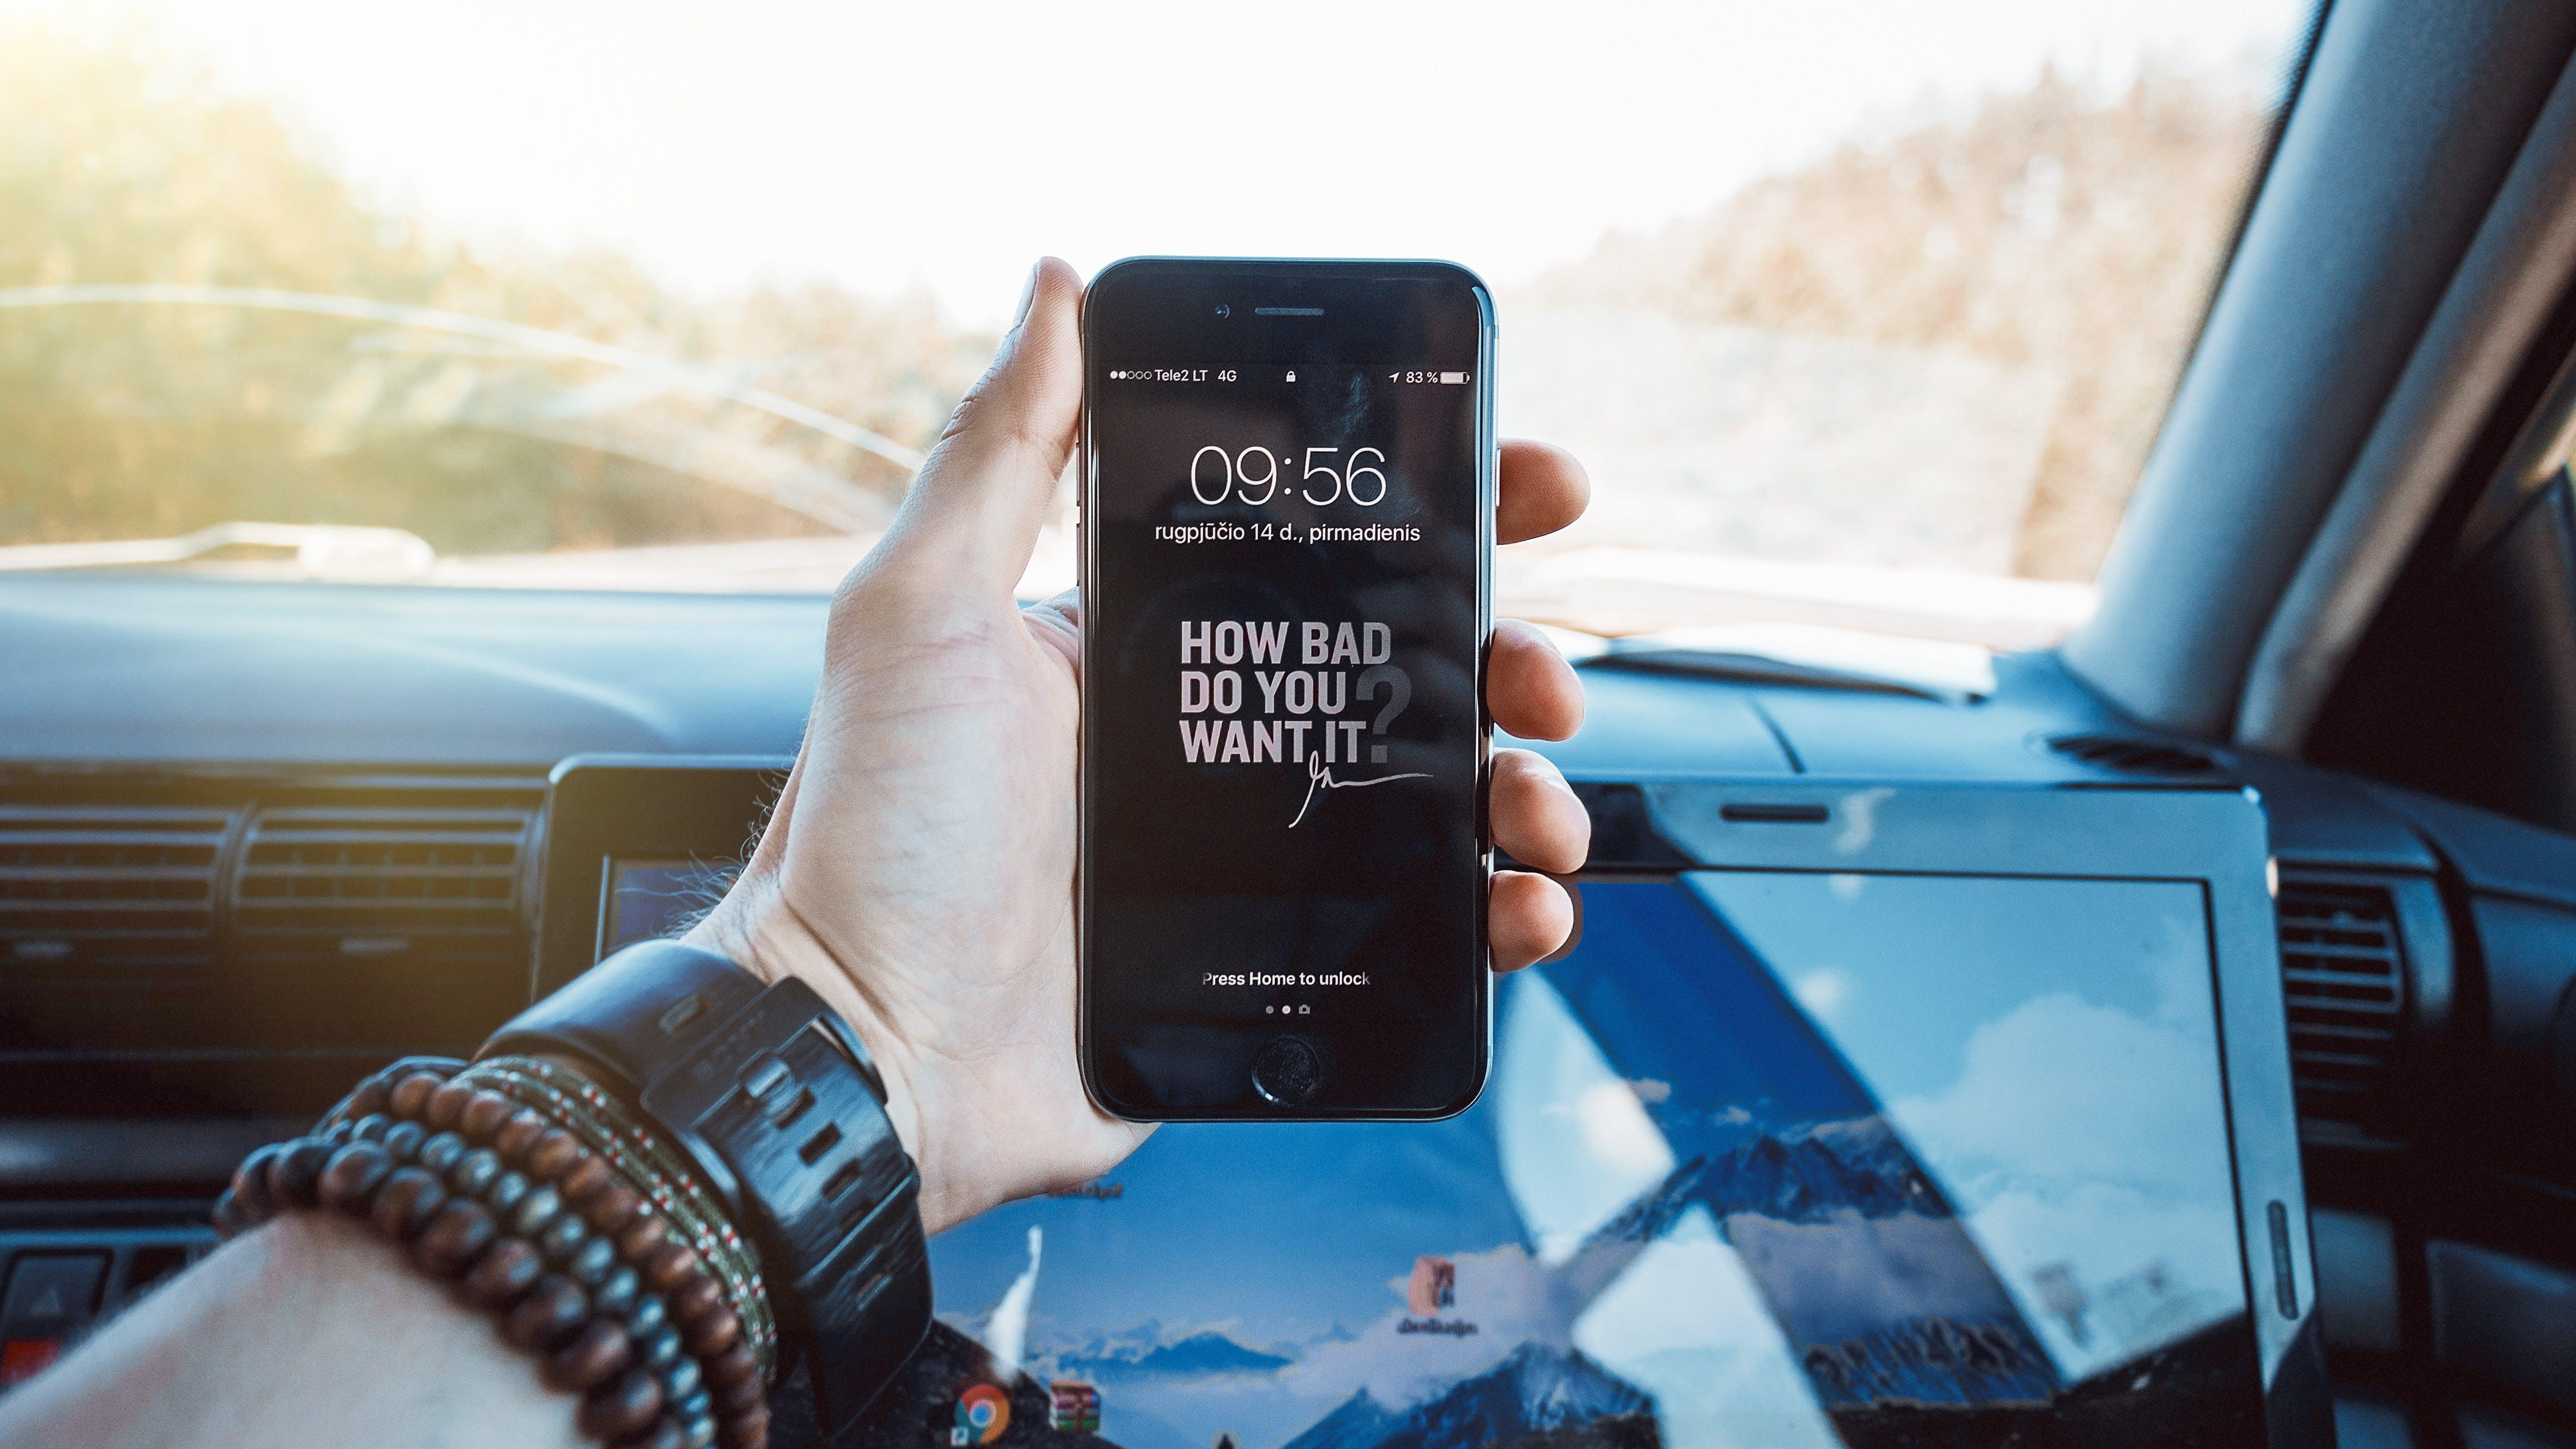 Black Iphone 7 Displaying at 09:56